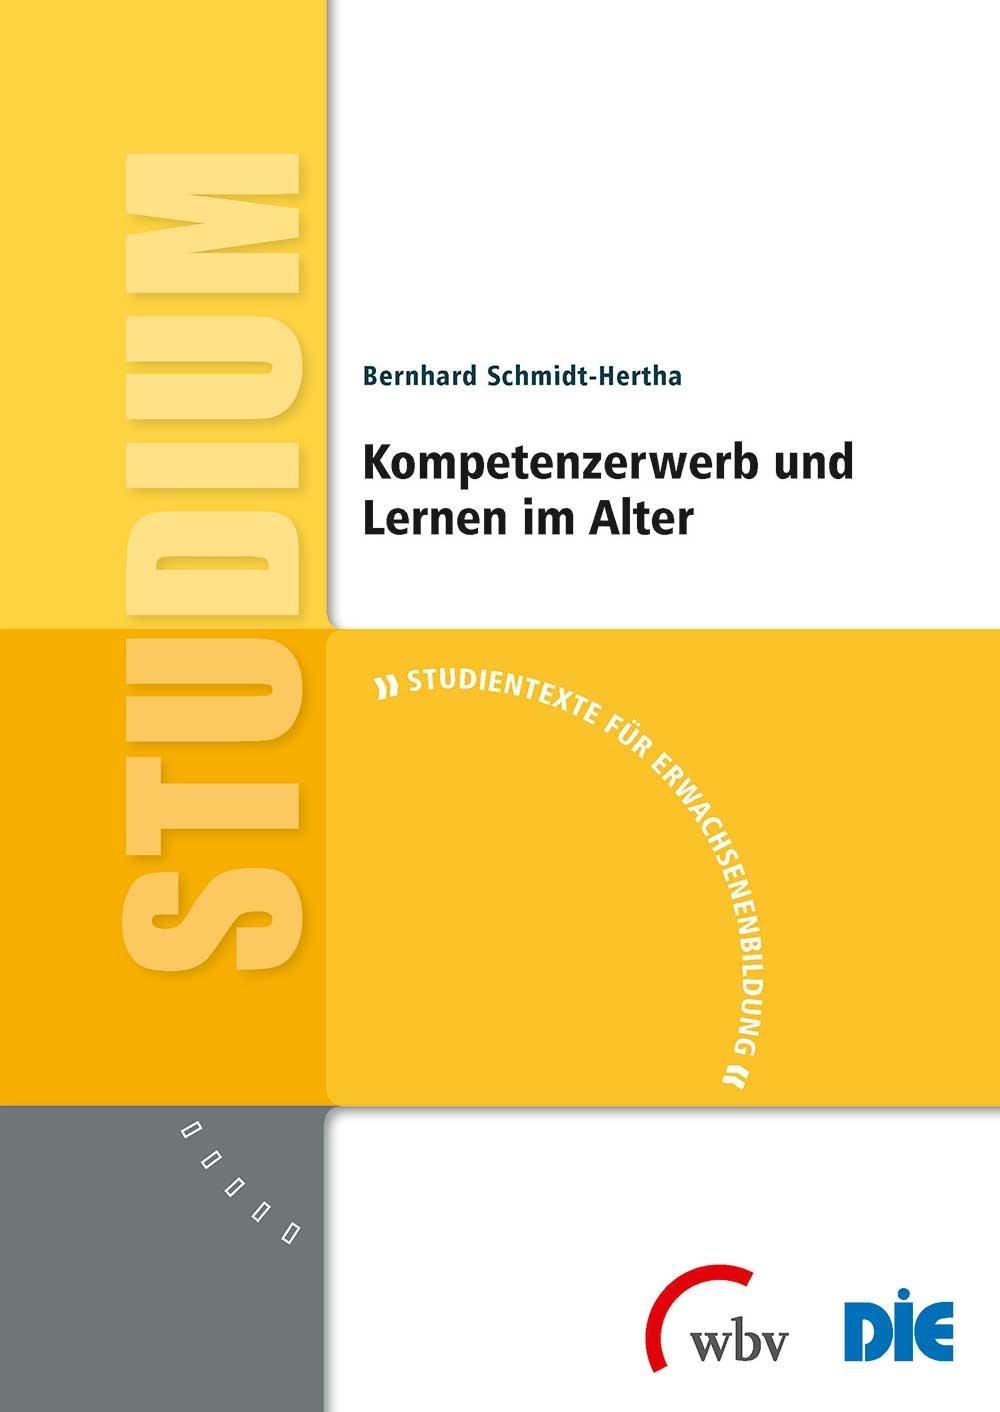 Kompetenzerwerb und Lernen im Alter Bernhard Schmidt-Hertha